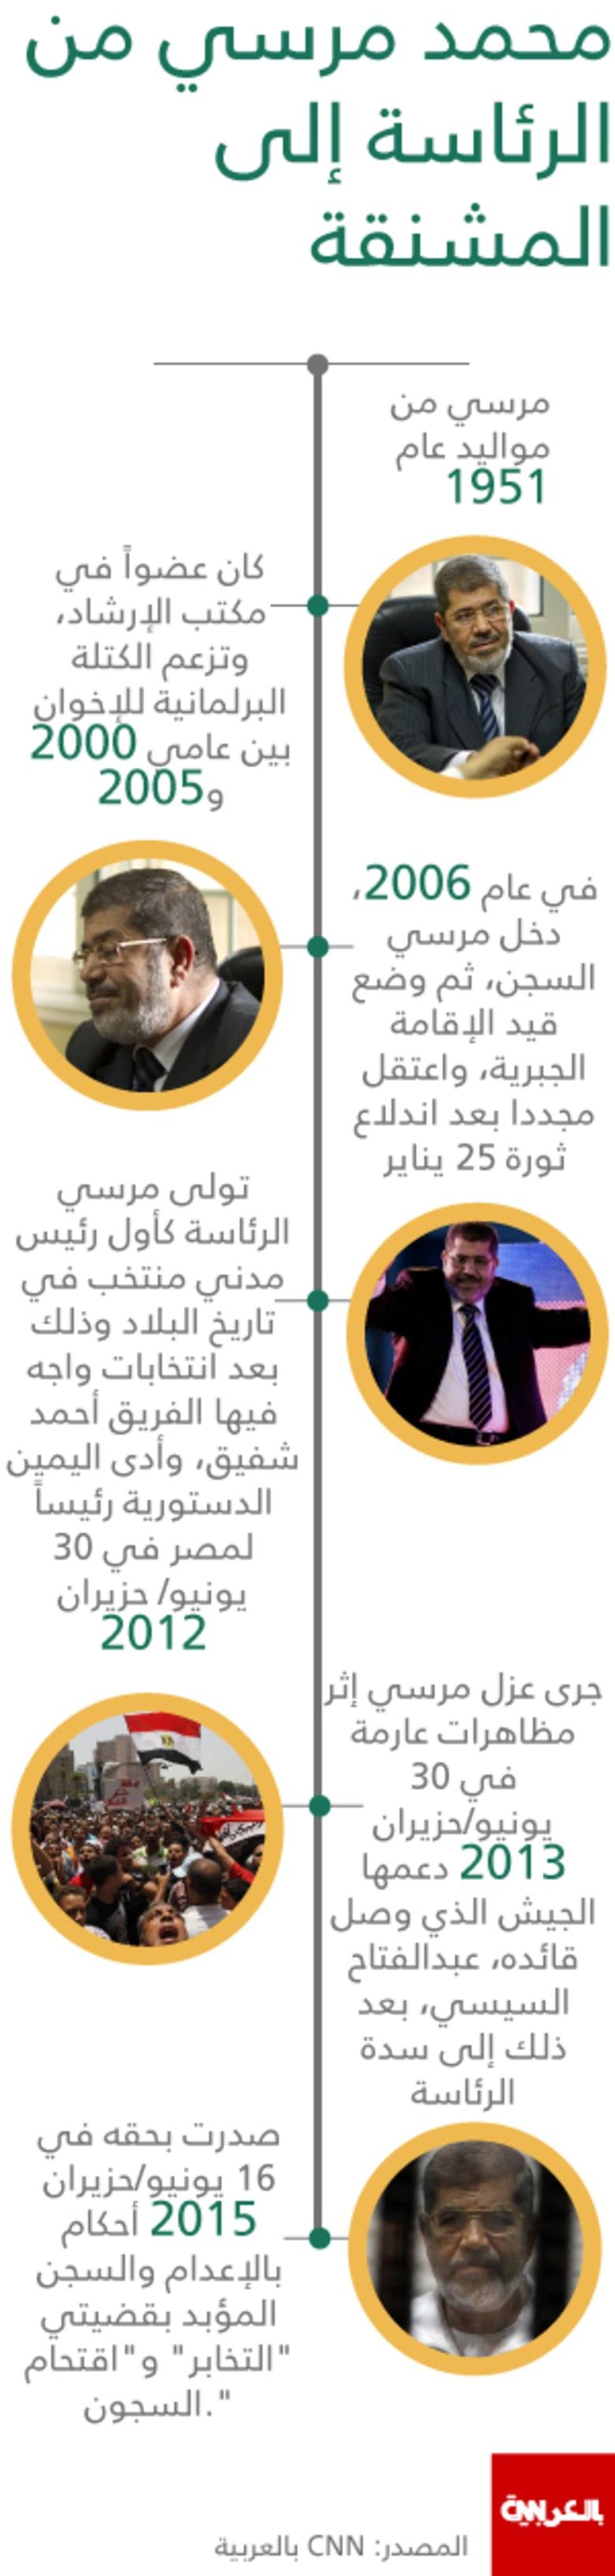 """محمد مرسي.. من """"أول رئيس مدني منتخب"""" لمصر إلى """"حبل المشنقة"""""""